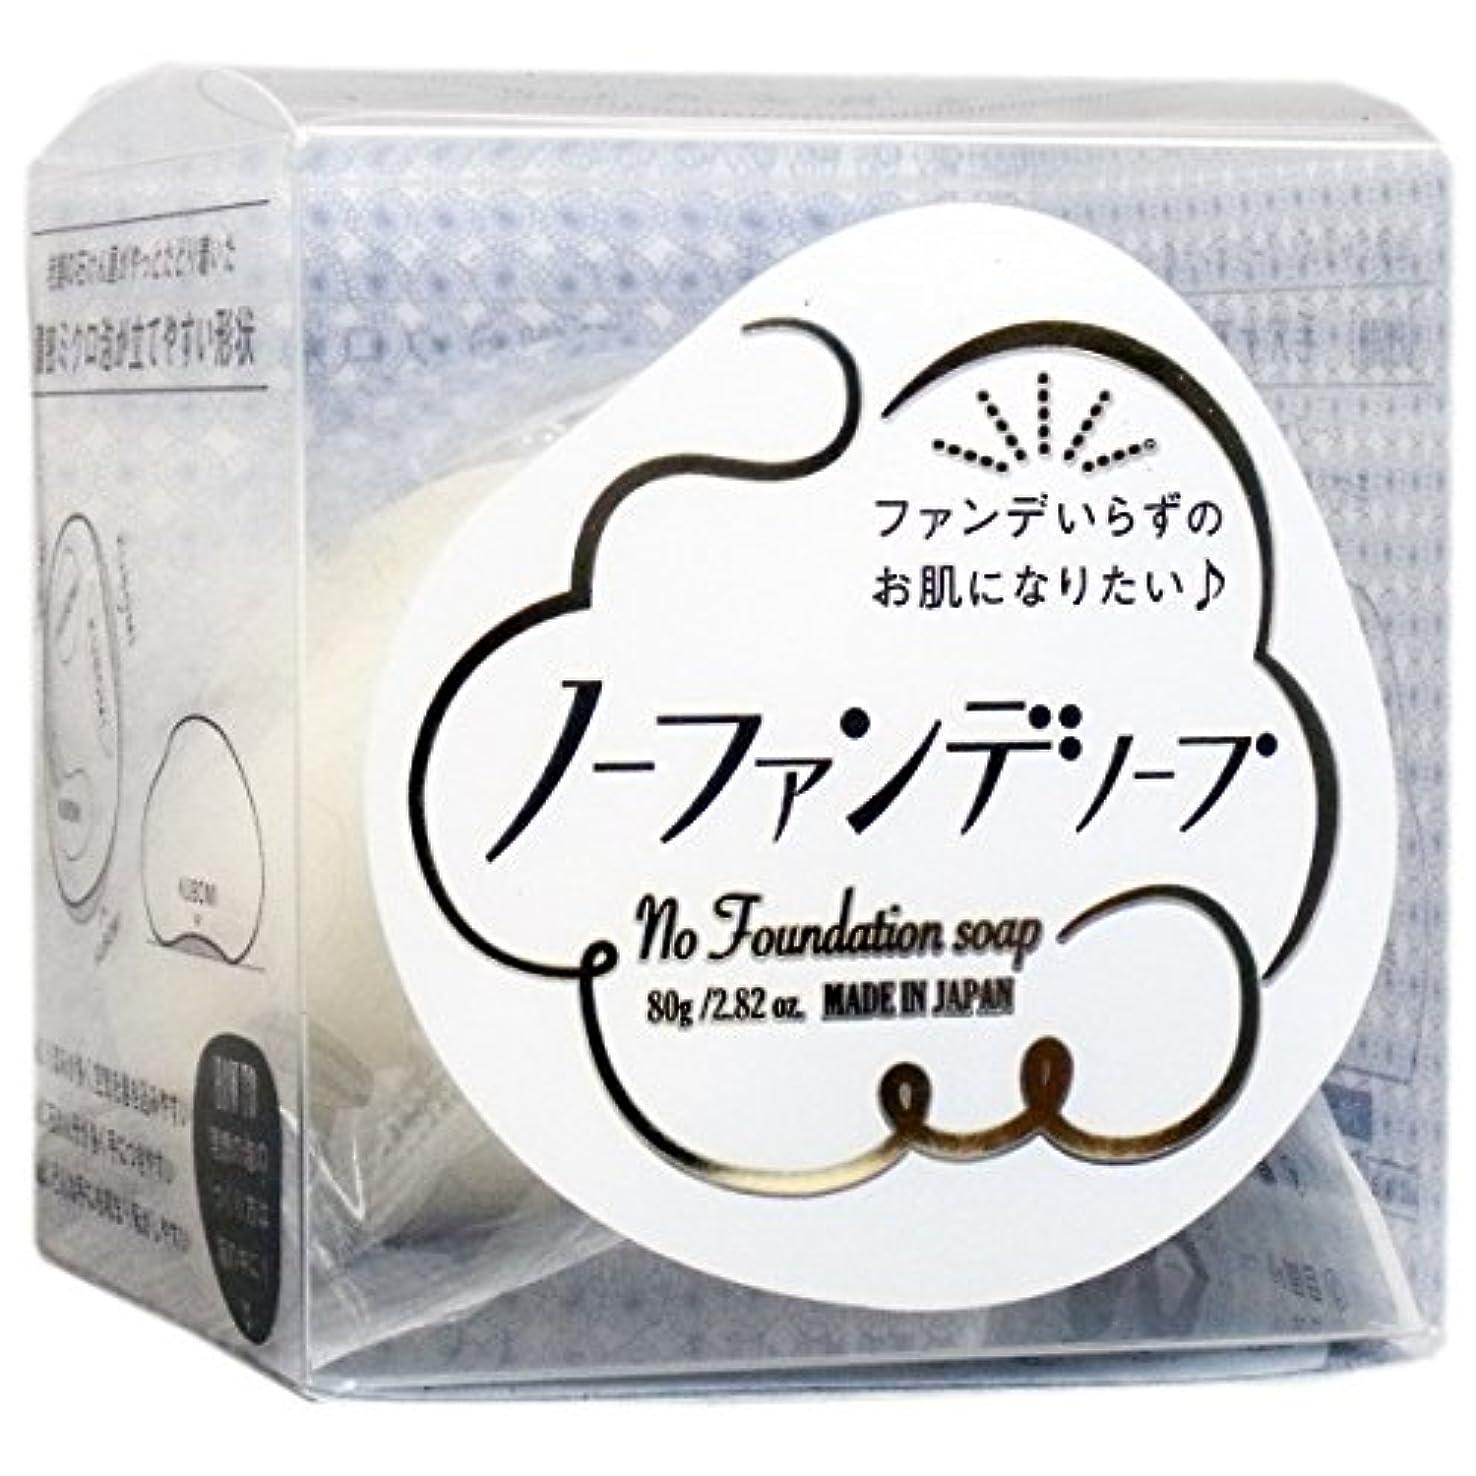 謙虚将来のインシュレータ【まとめ買い】ノーファンデソープ 80g【×4個】